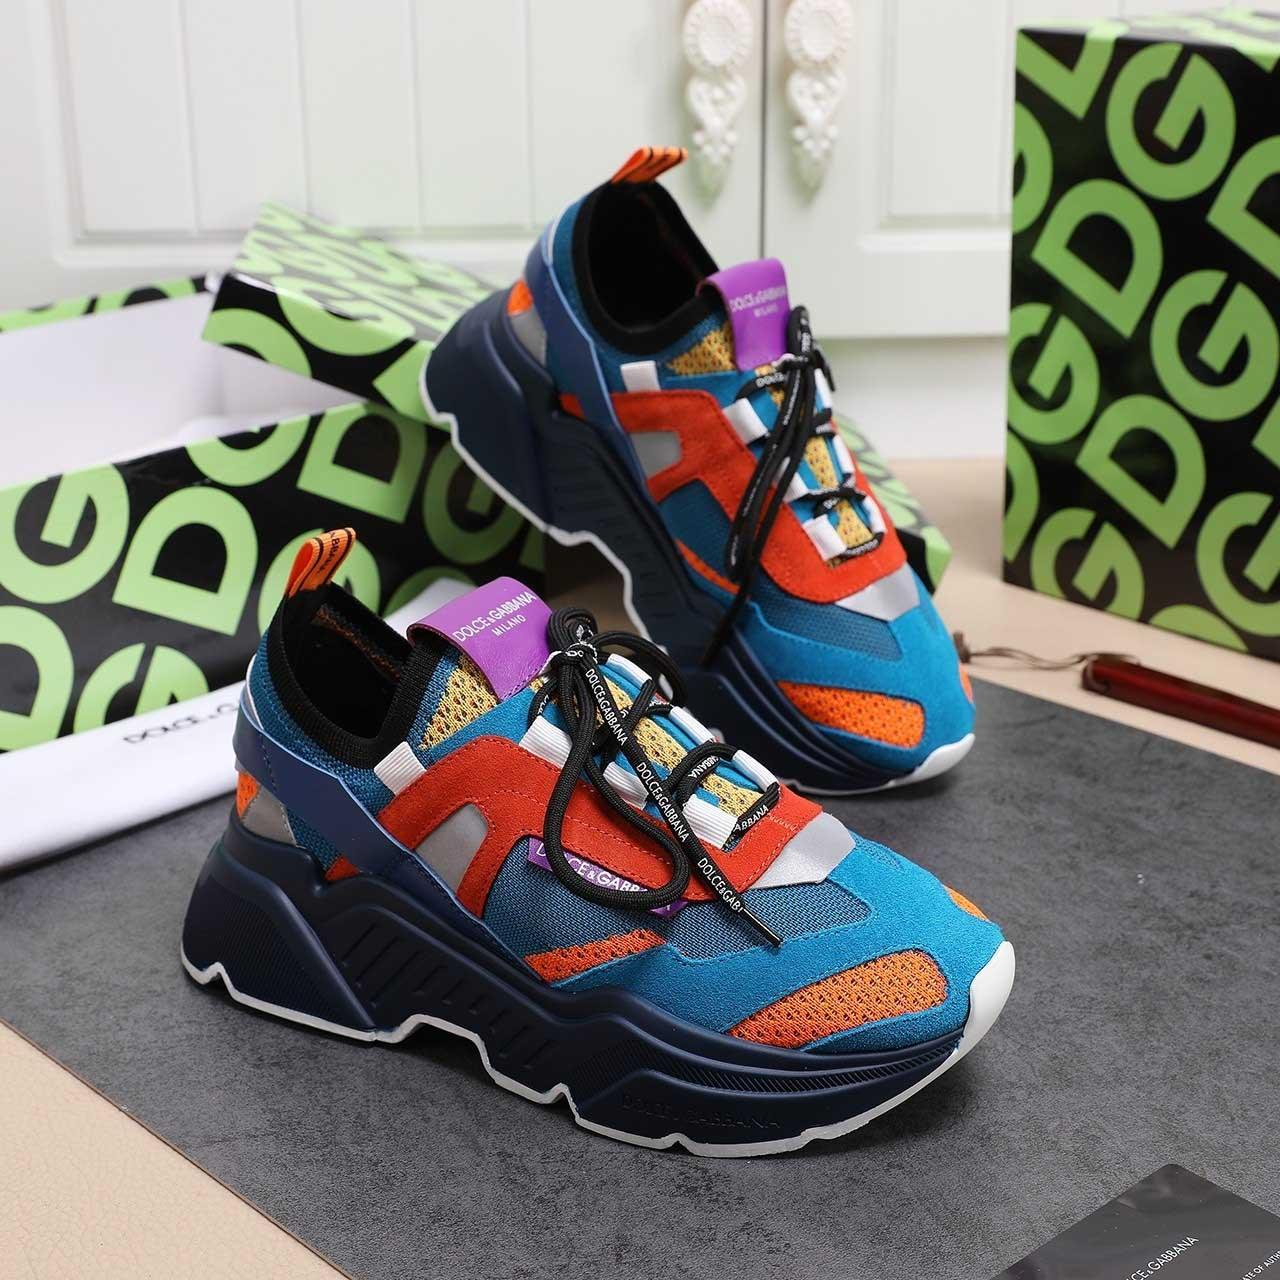 Orijinal ambalaj kutusu hızlı teslimat ayakkabı koşu açık macera sporları ayakkabı yürüyüş 2020IS yeni erkek eğilim vahşi rahat ayakkabılar